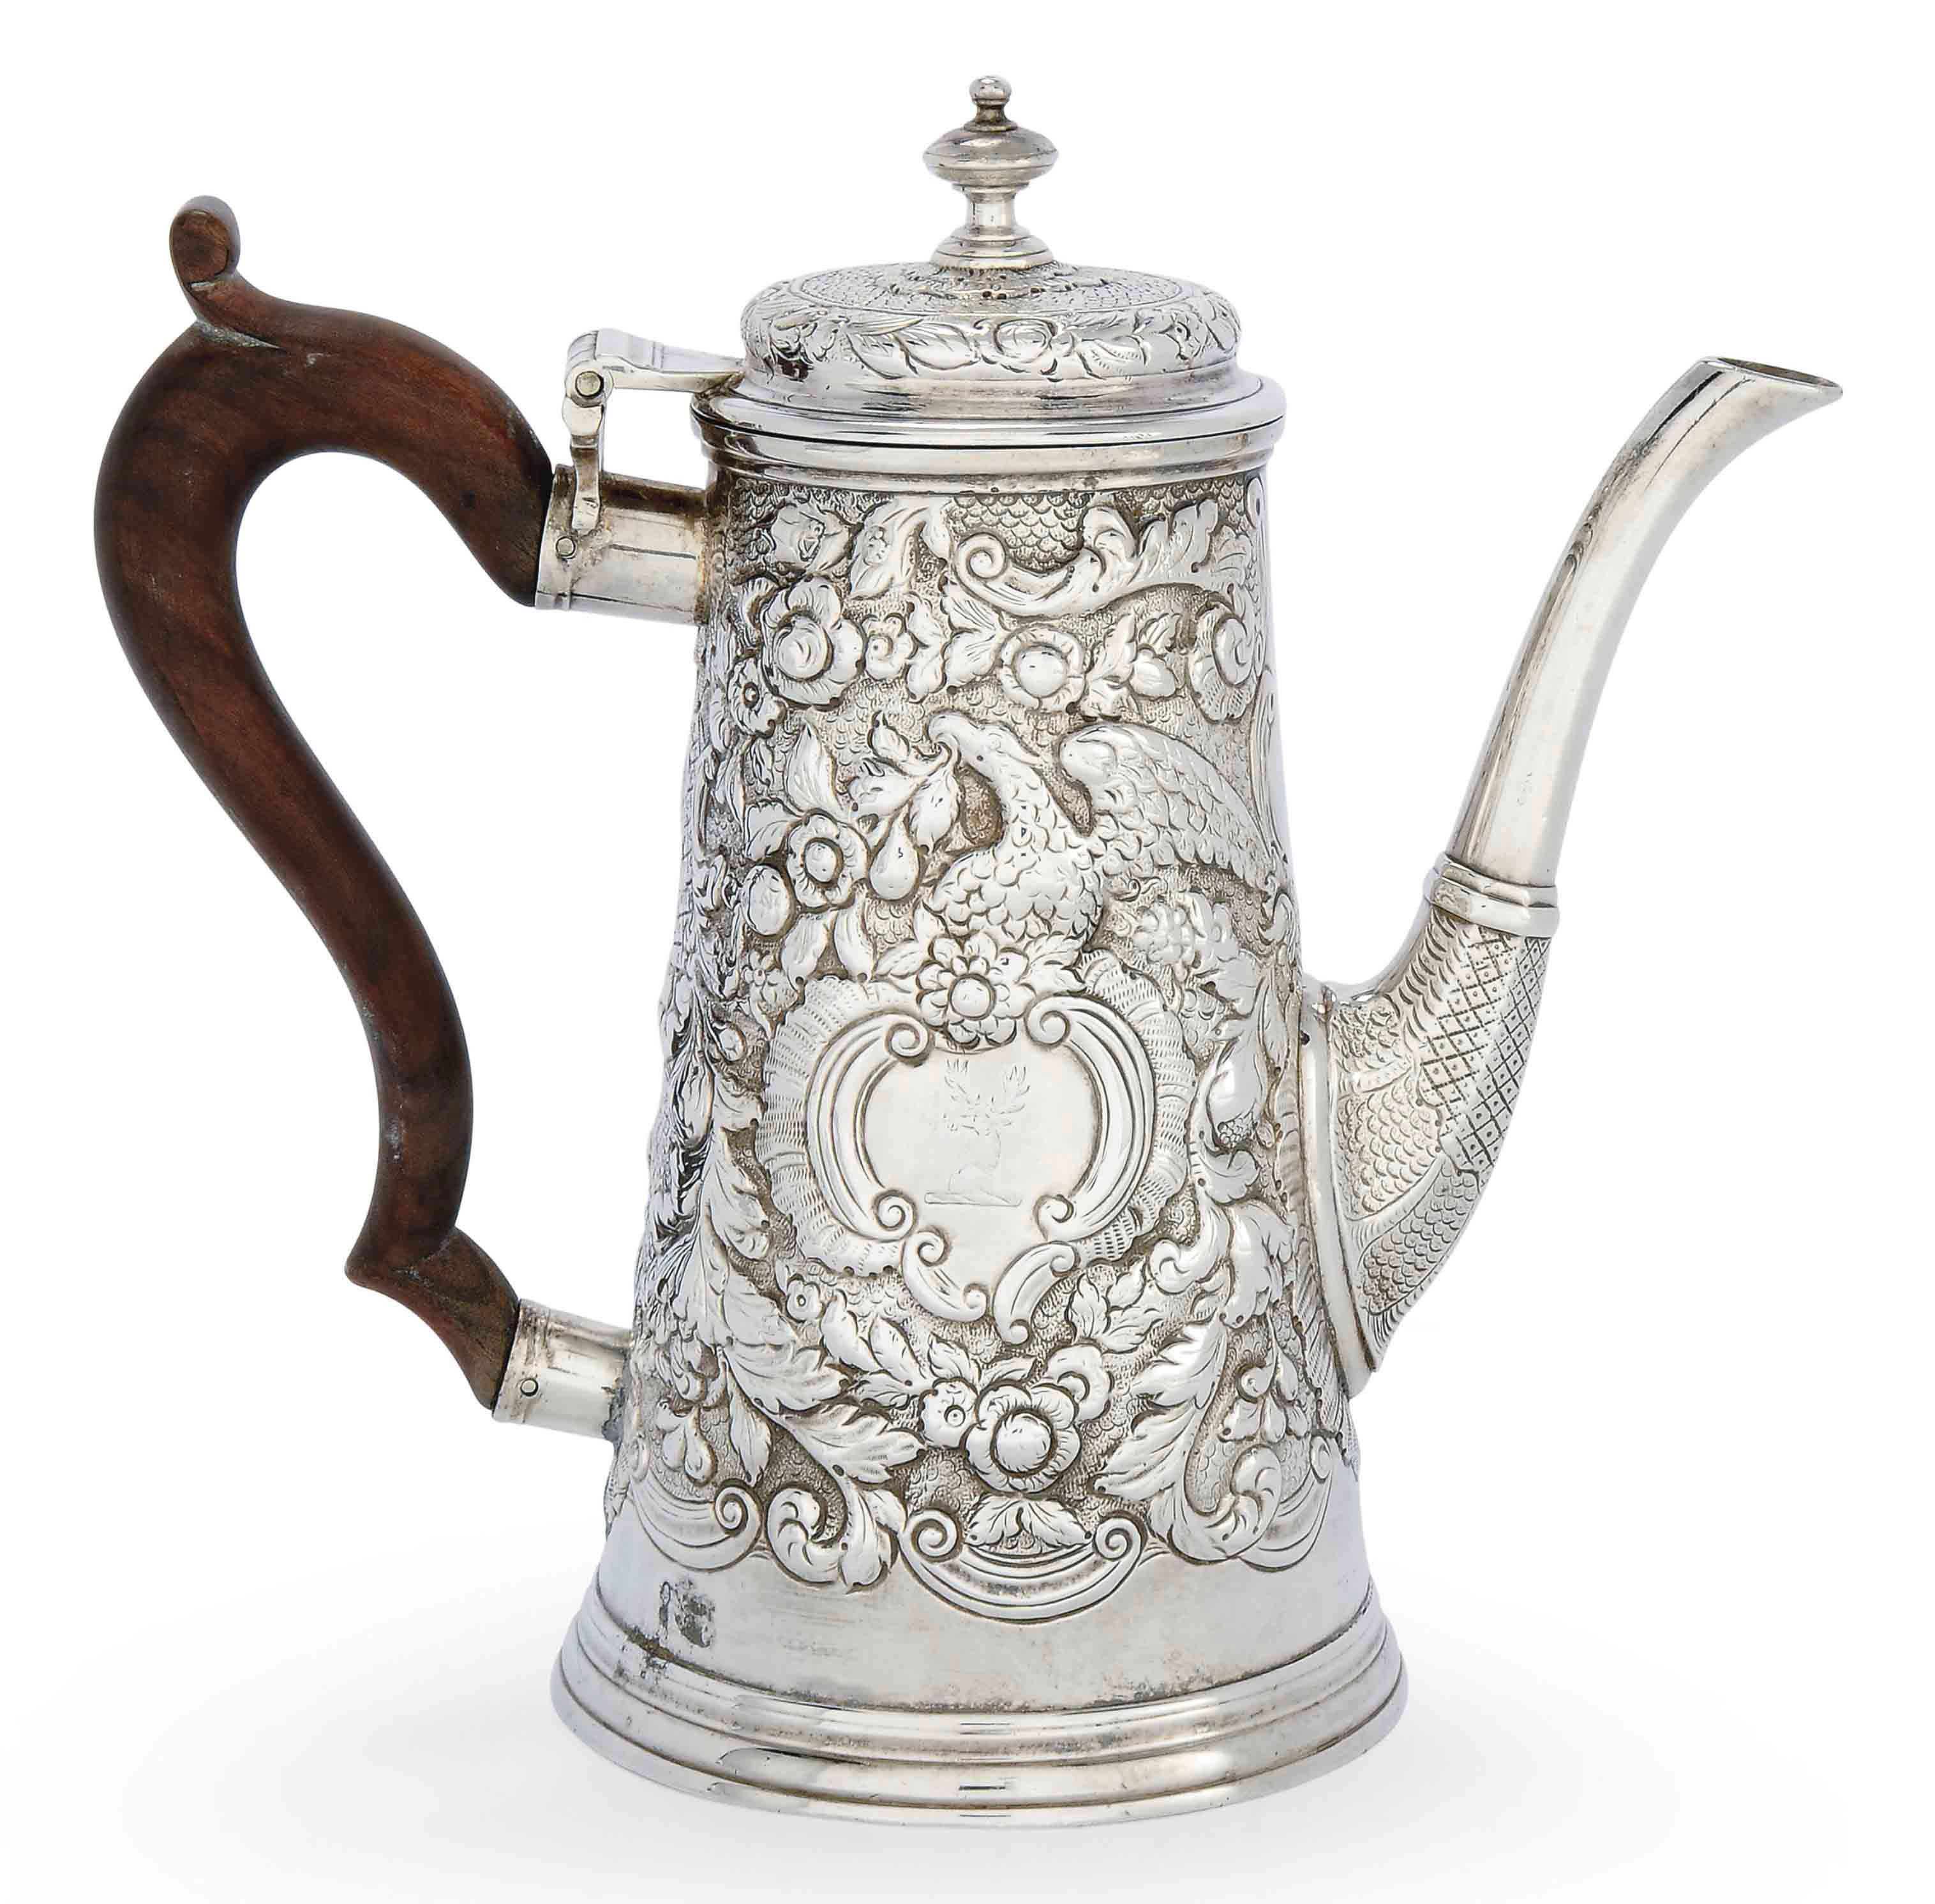 A GEORGE II IRISH SILVER COFFEE POT